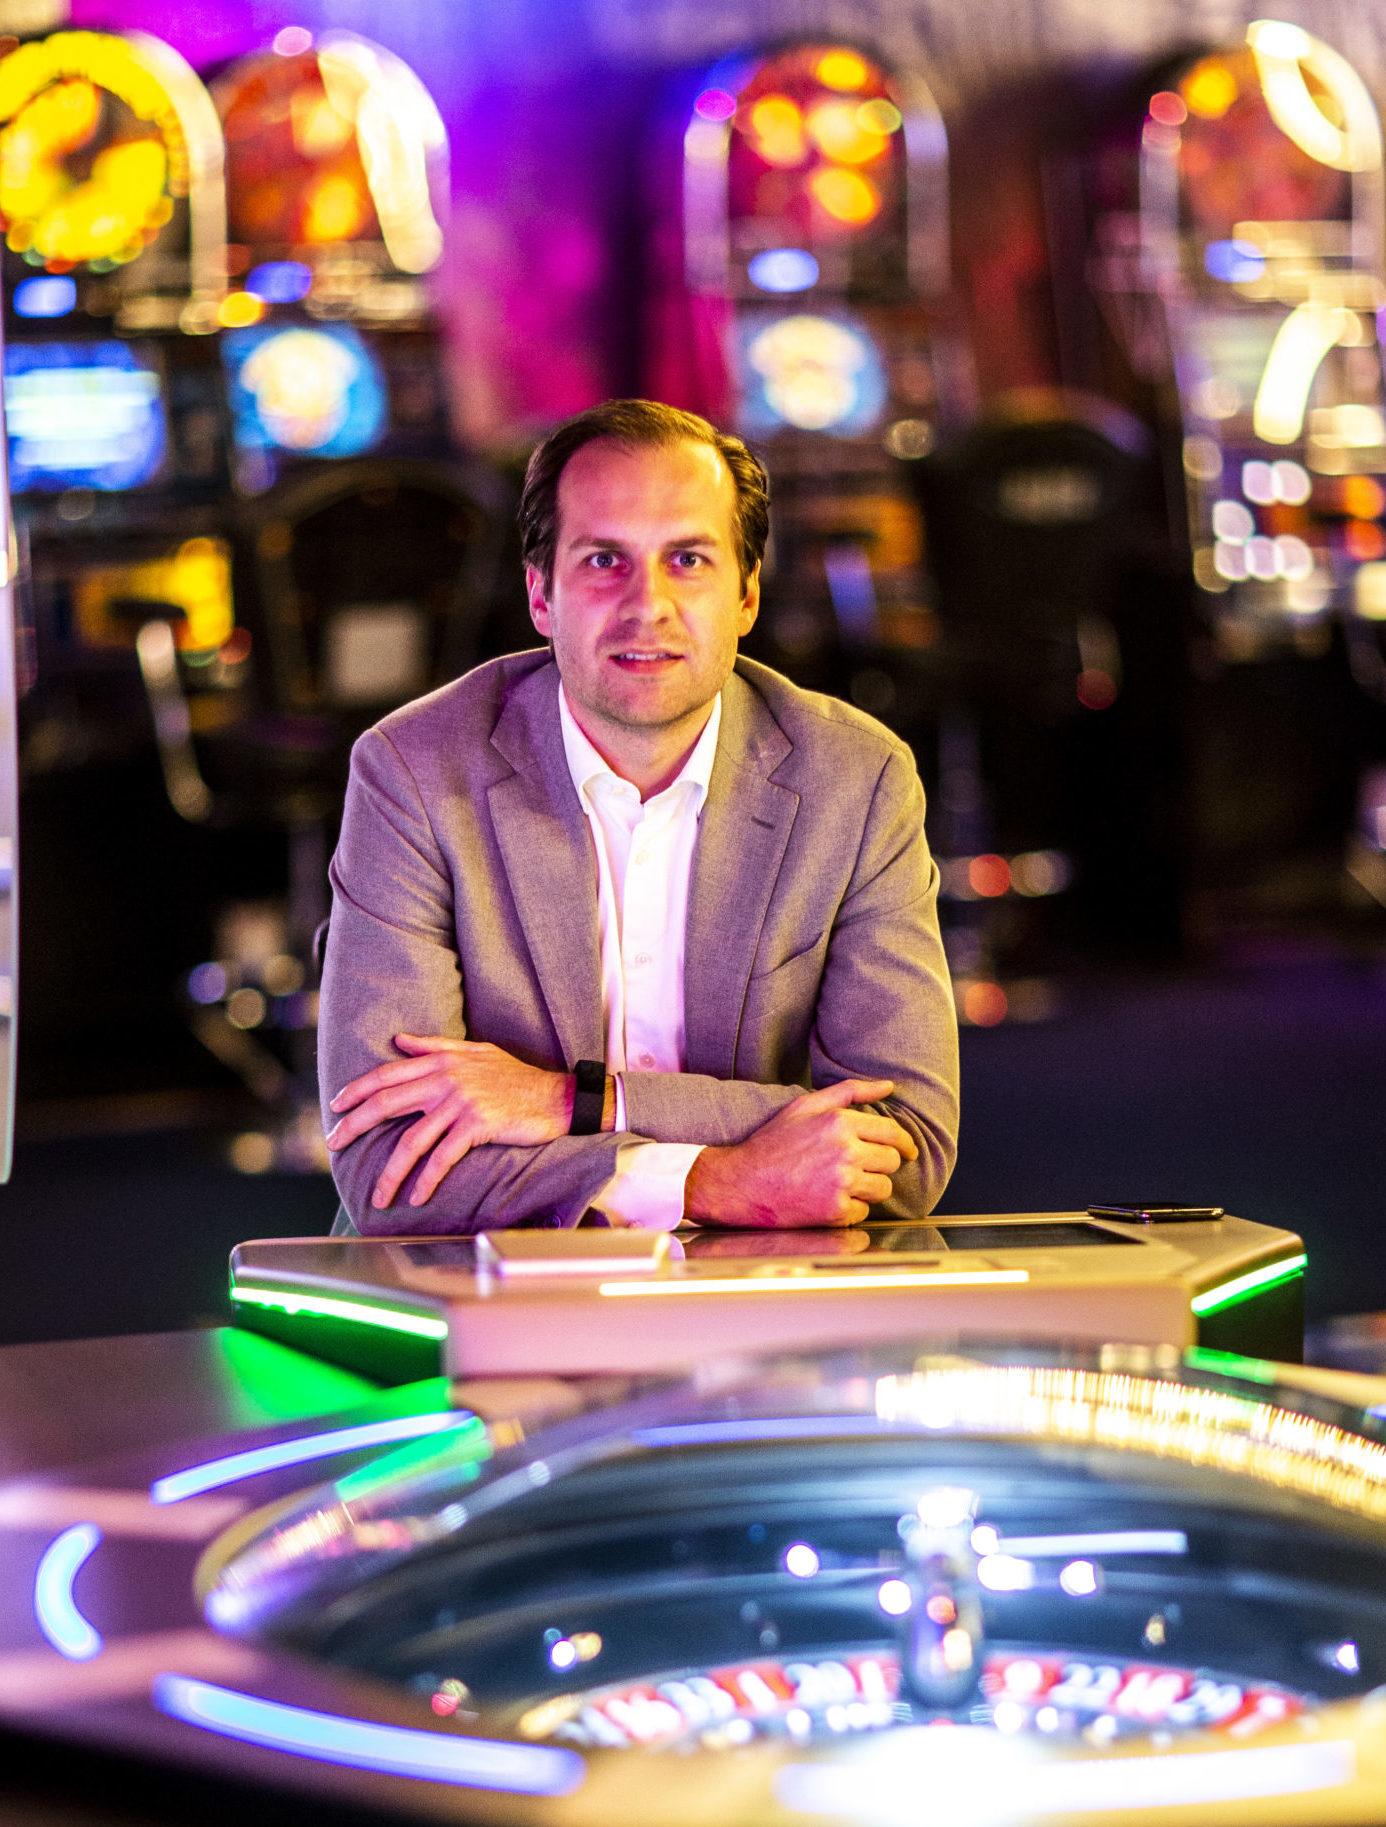 kansspelen gokken casino speelhal